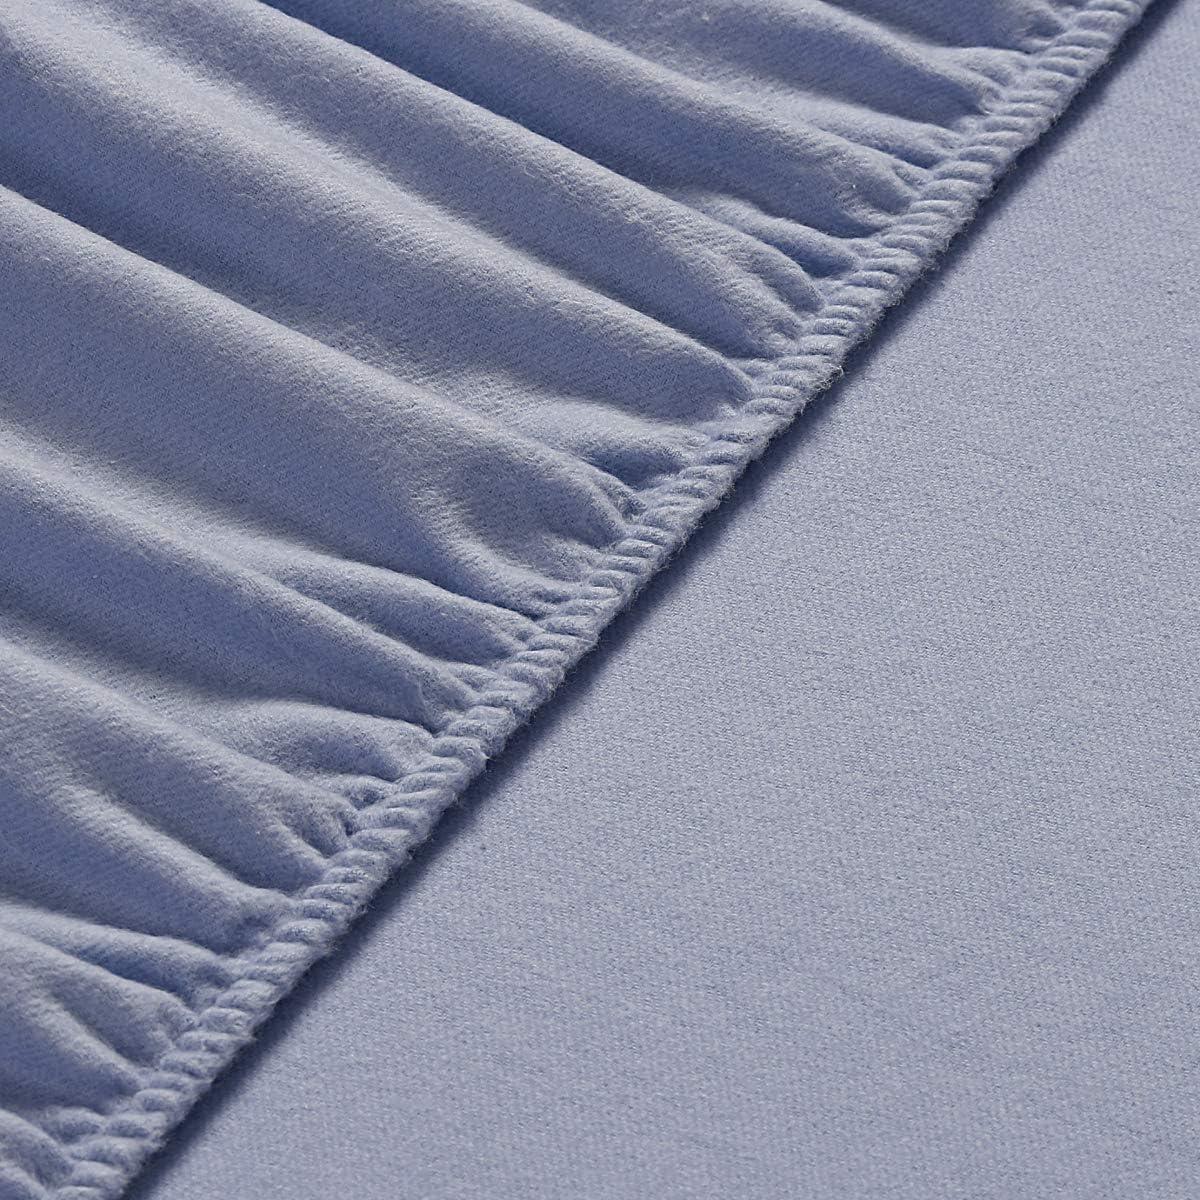 Caressant /& Chaud Ecru Toucher veloute Velvet Flannel Lot de 2 taies d/'Oreiller 100/% Flanelle De Coton Tissage tr/ès raffin/é Doux 50x70 cm Bed Couture